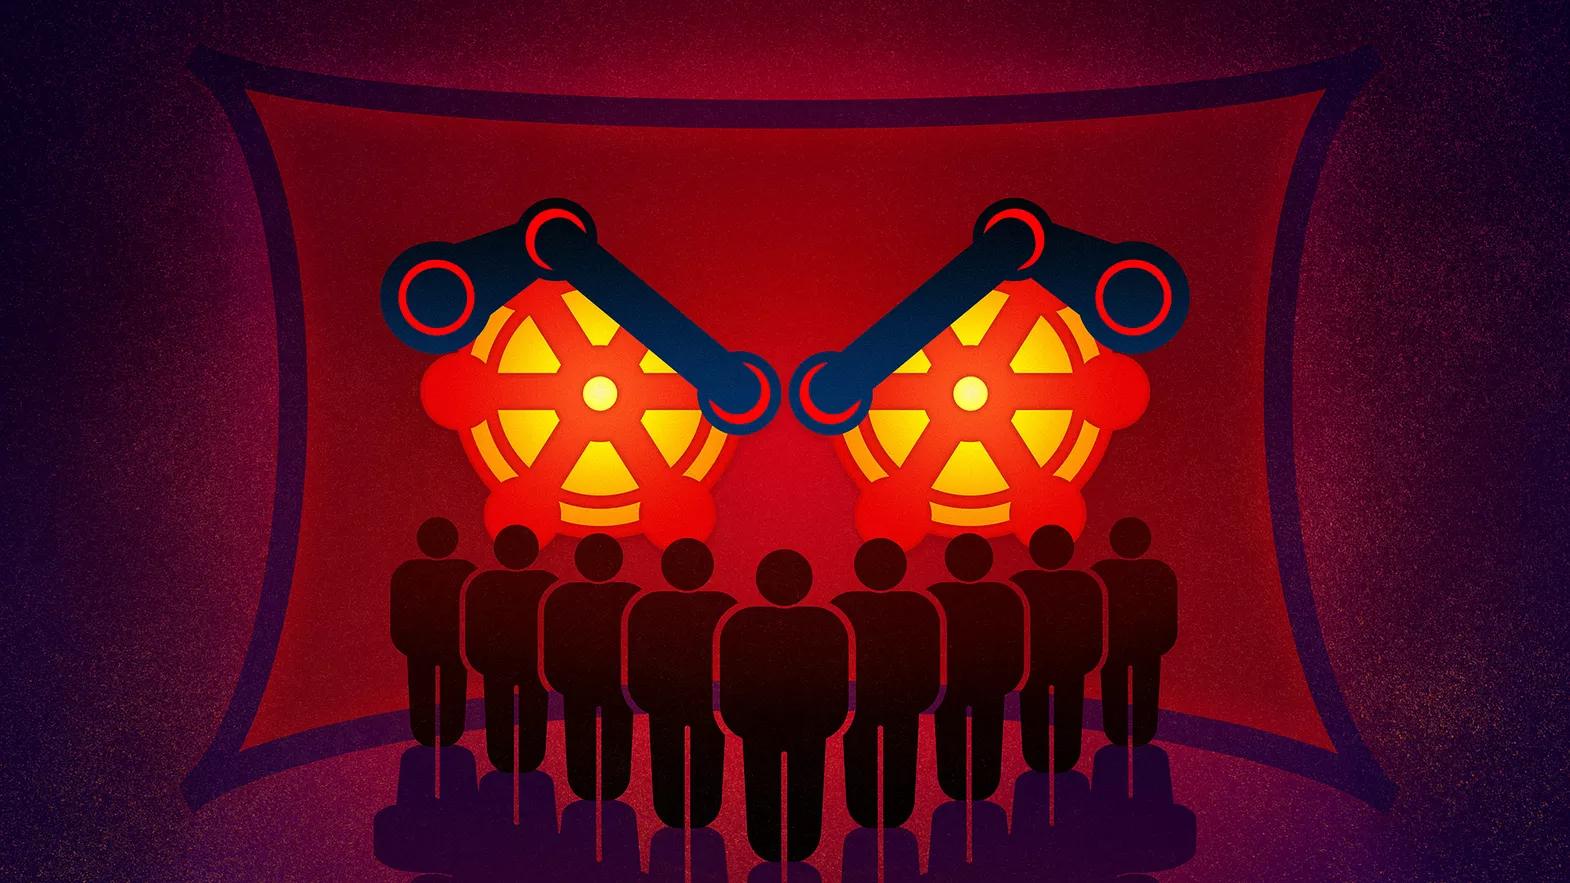 Мнение разработчиков о Steam: максимум доходов и минимум ответственности для Valve - 1